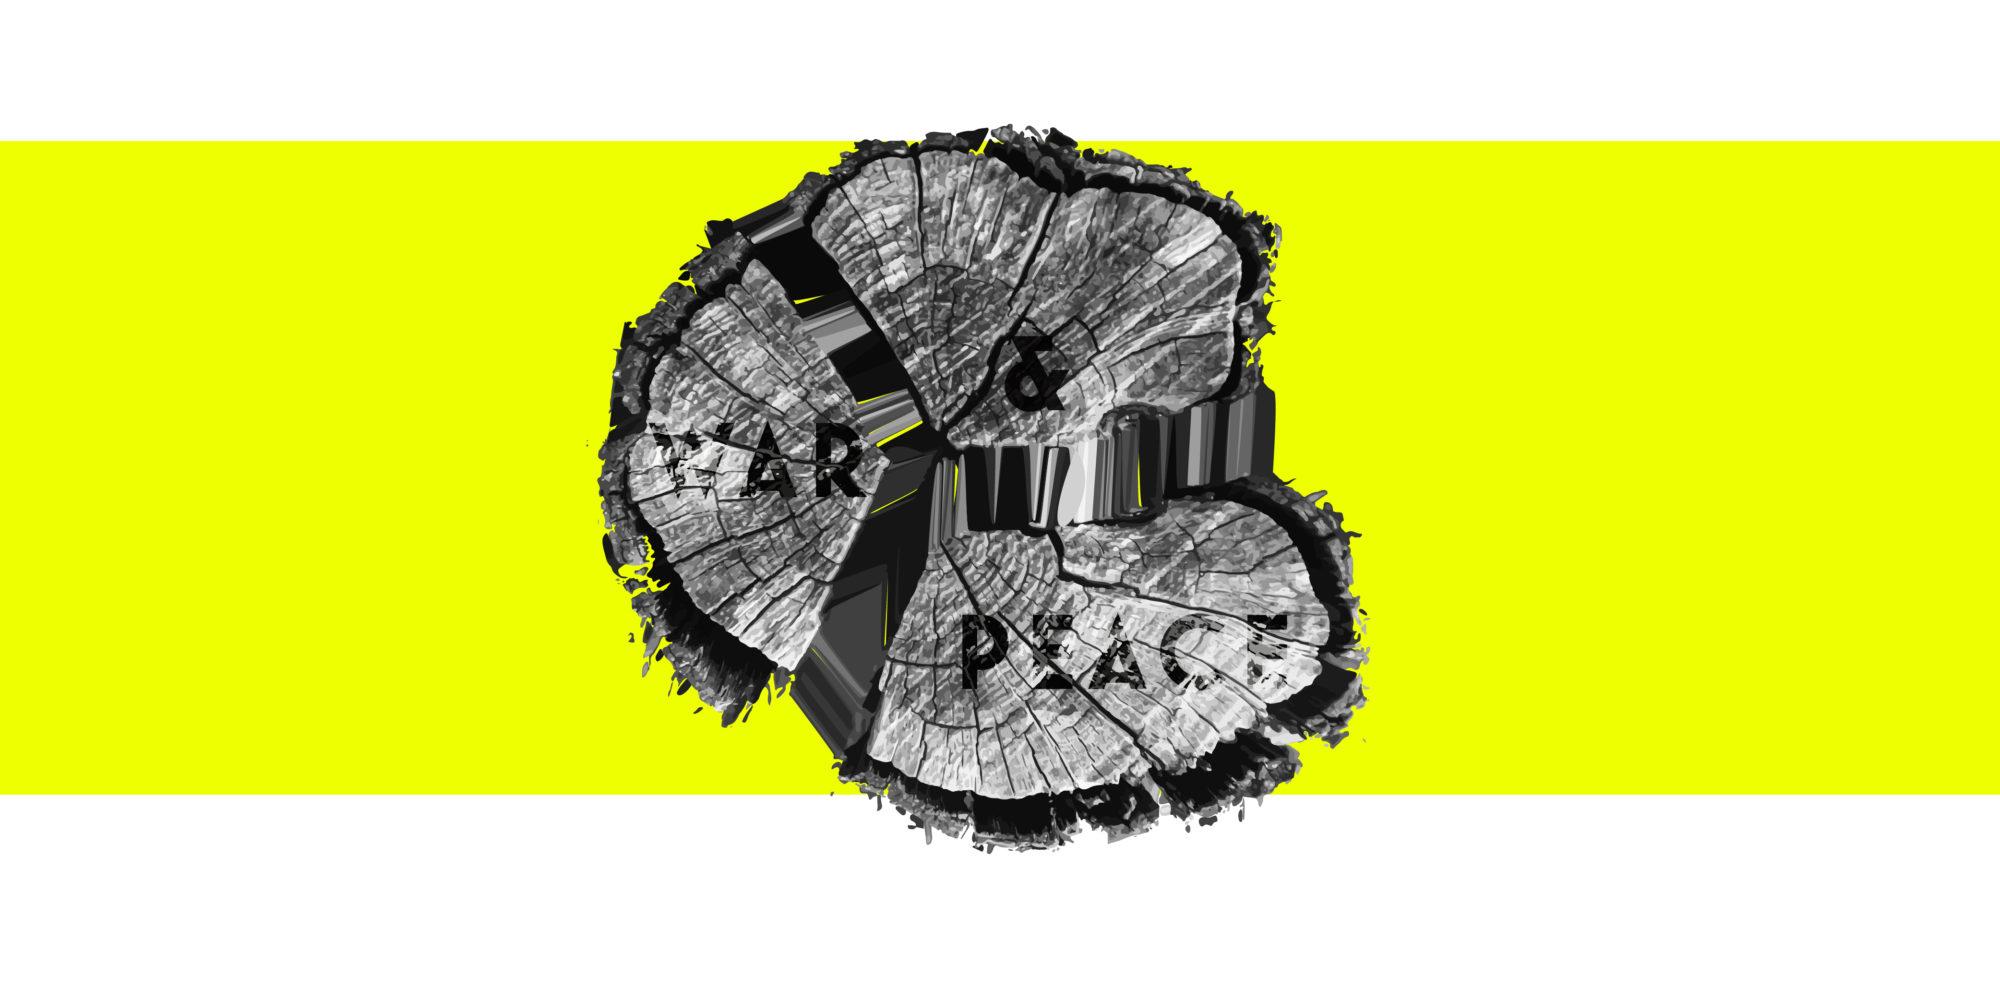 laba-journal-war-peace-stump-01